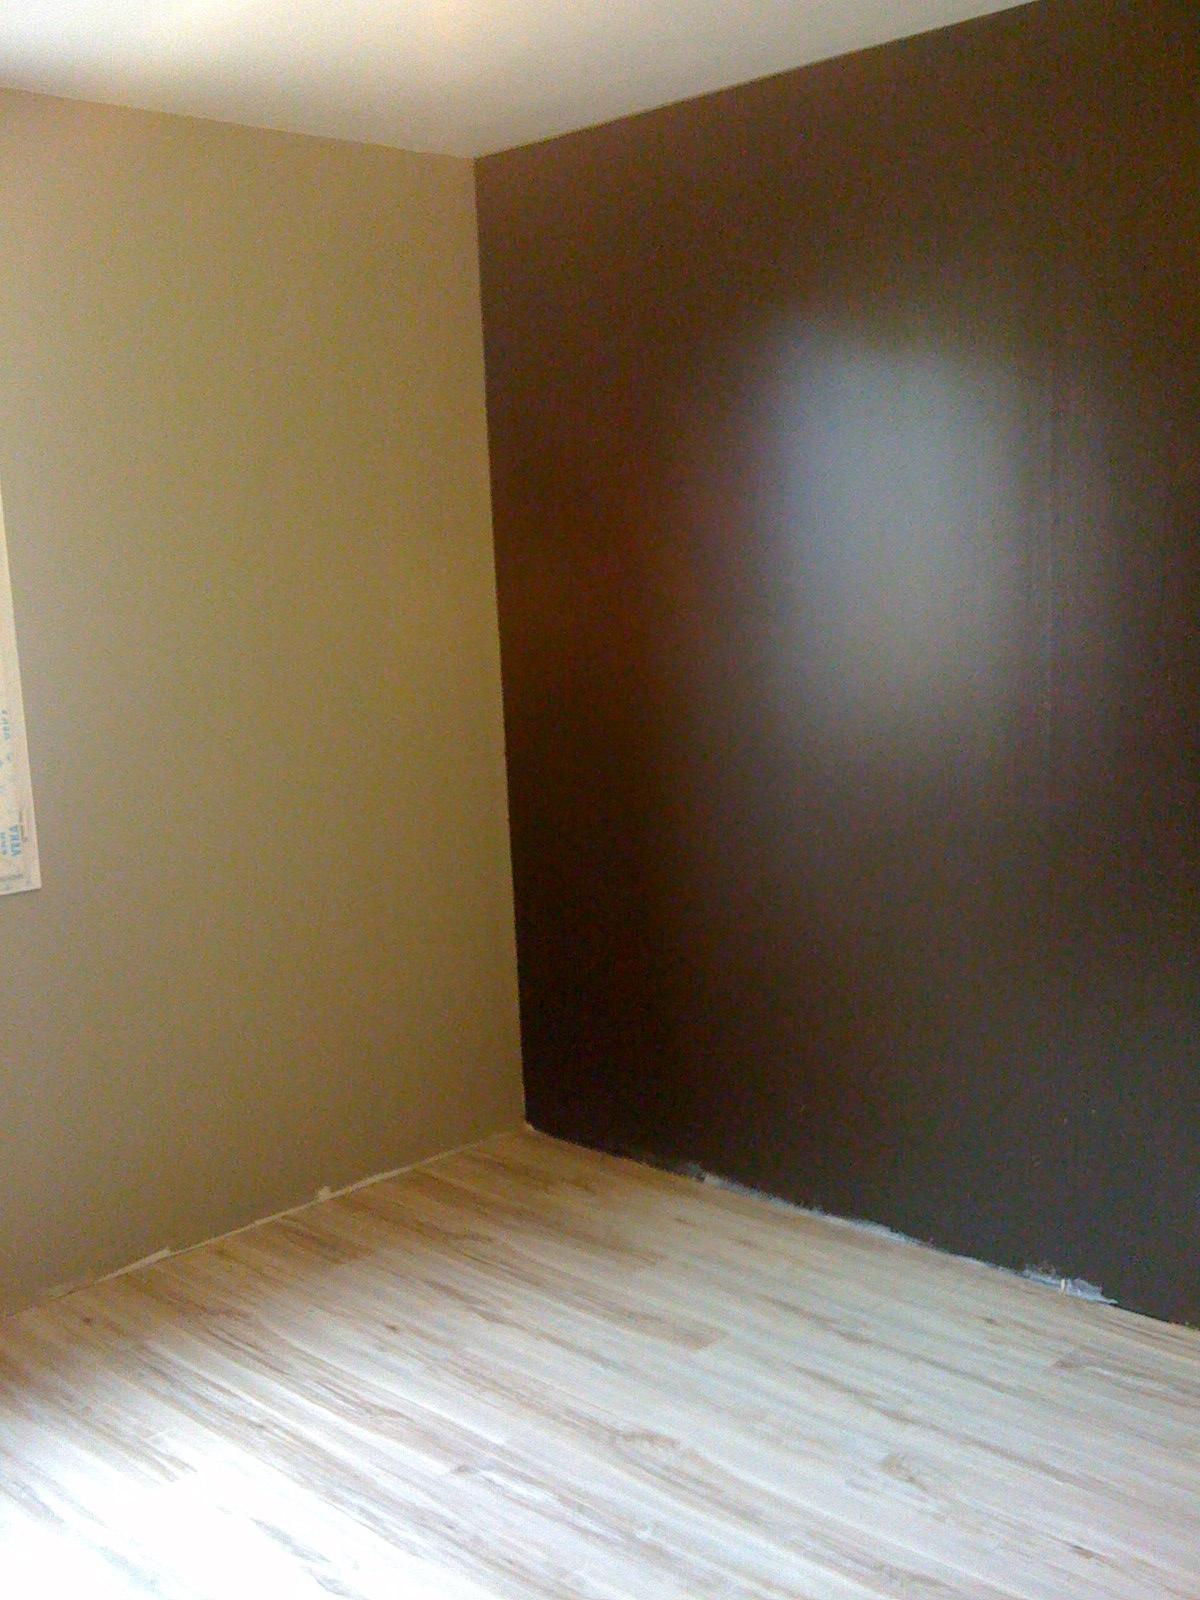 la chambre demma murs pourpreiris avec le mme parquet - Mur Chambre Chocolat